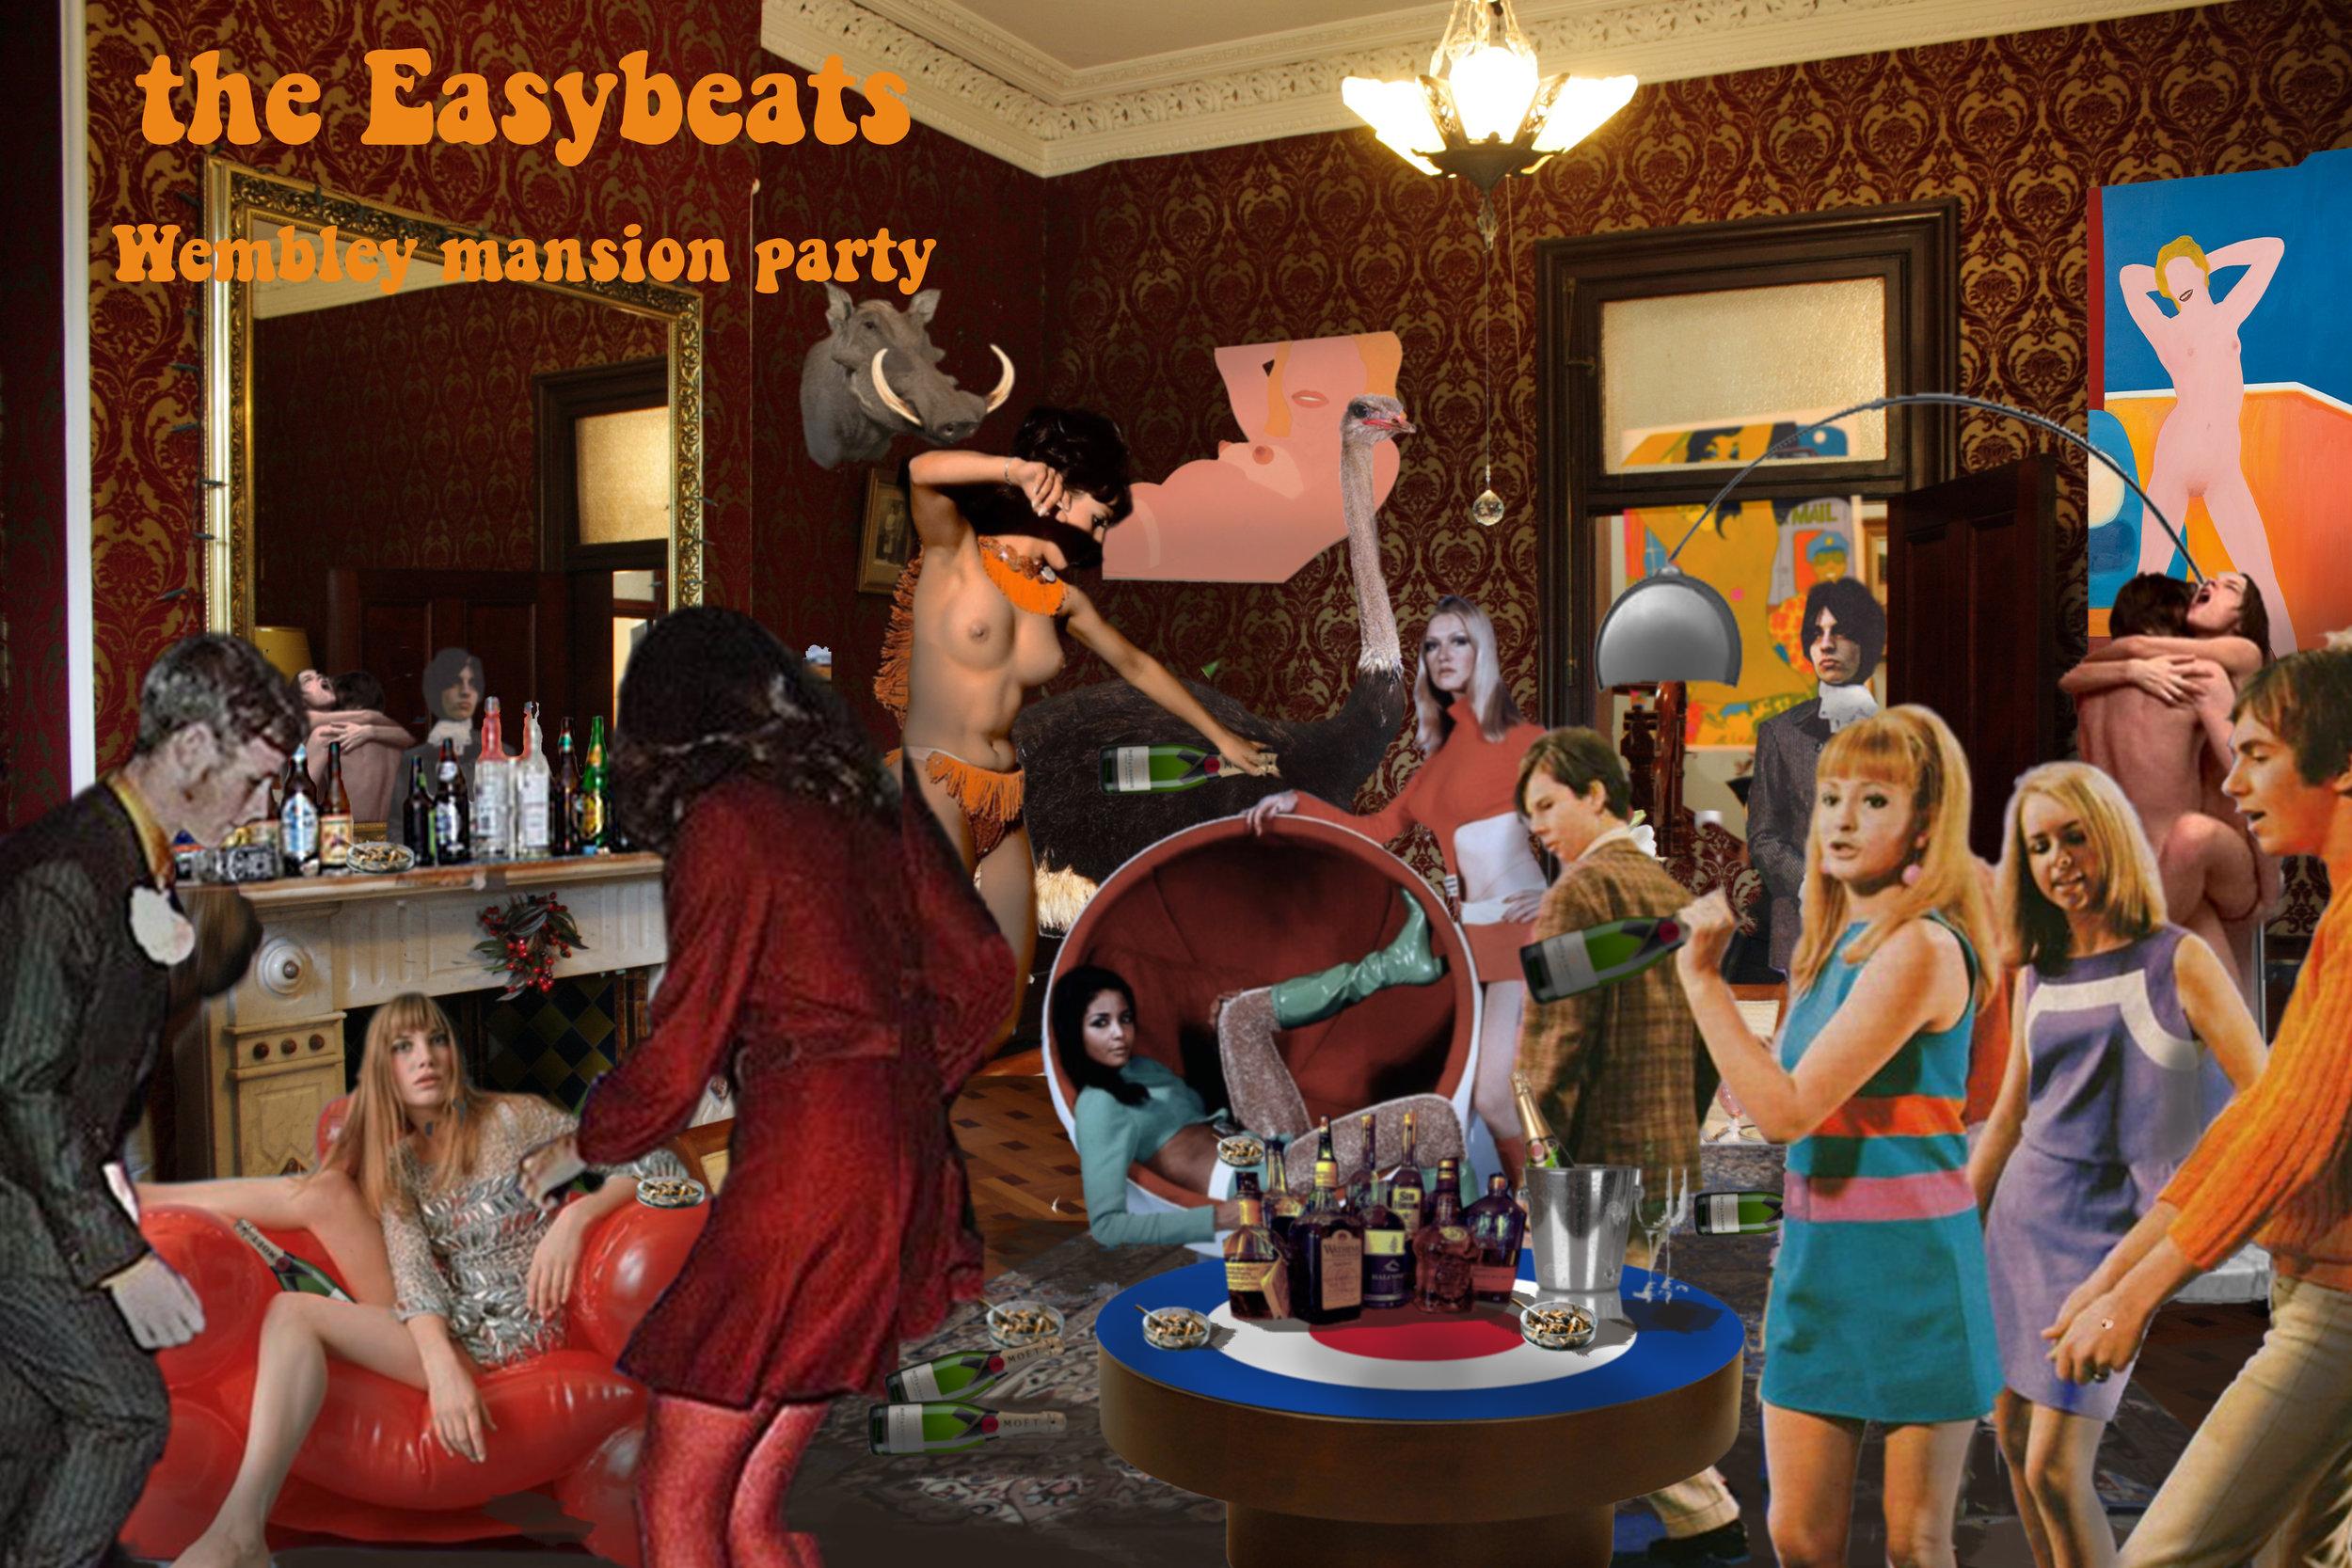 Easybeats  wembley mansion party.jpg